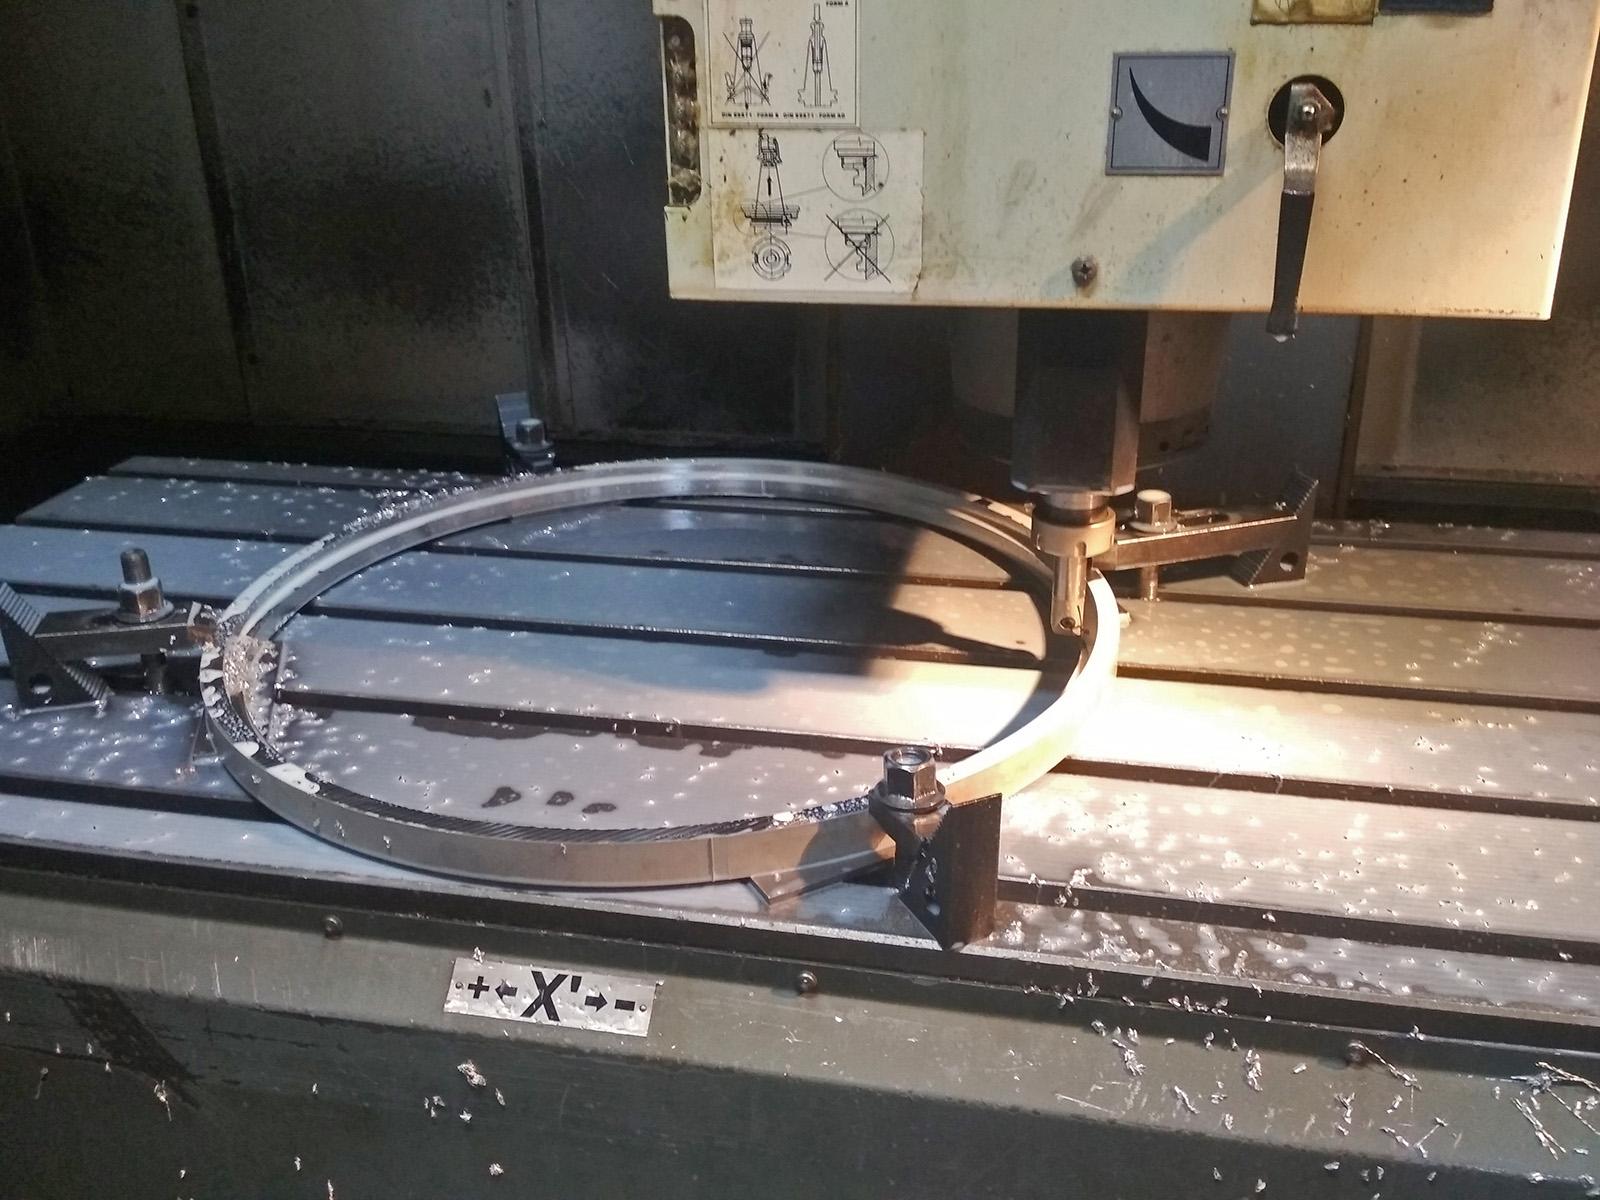 výroba kroužku rotačního spojení tubusu s předním prstence